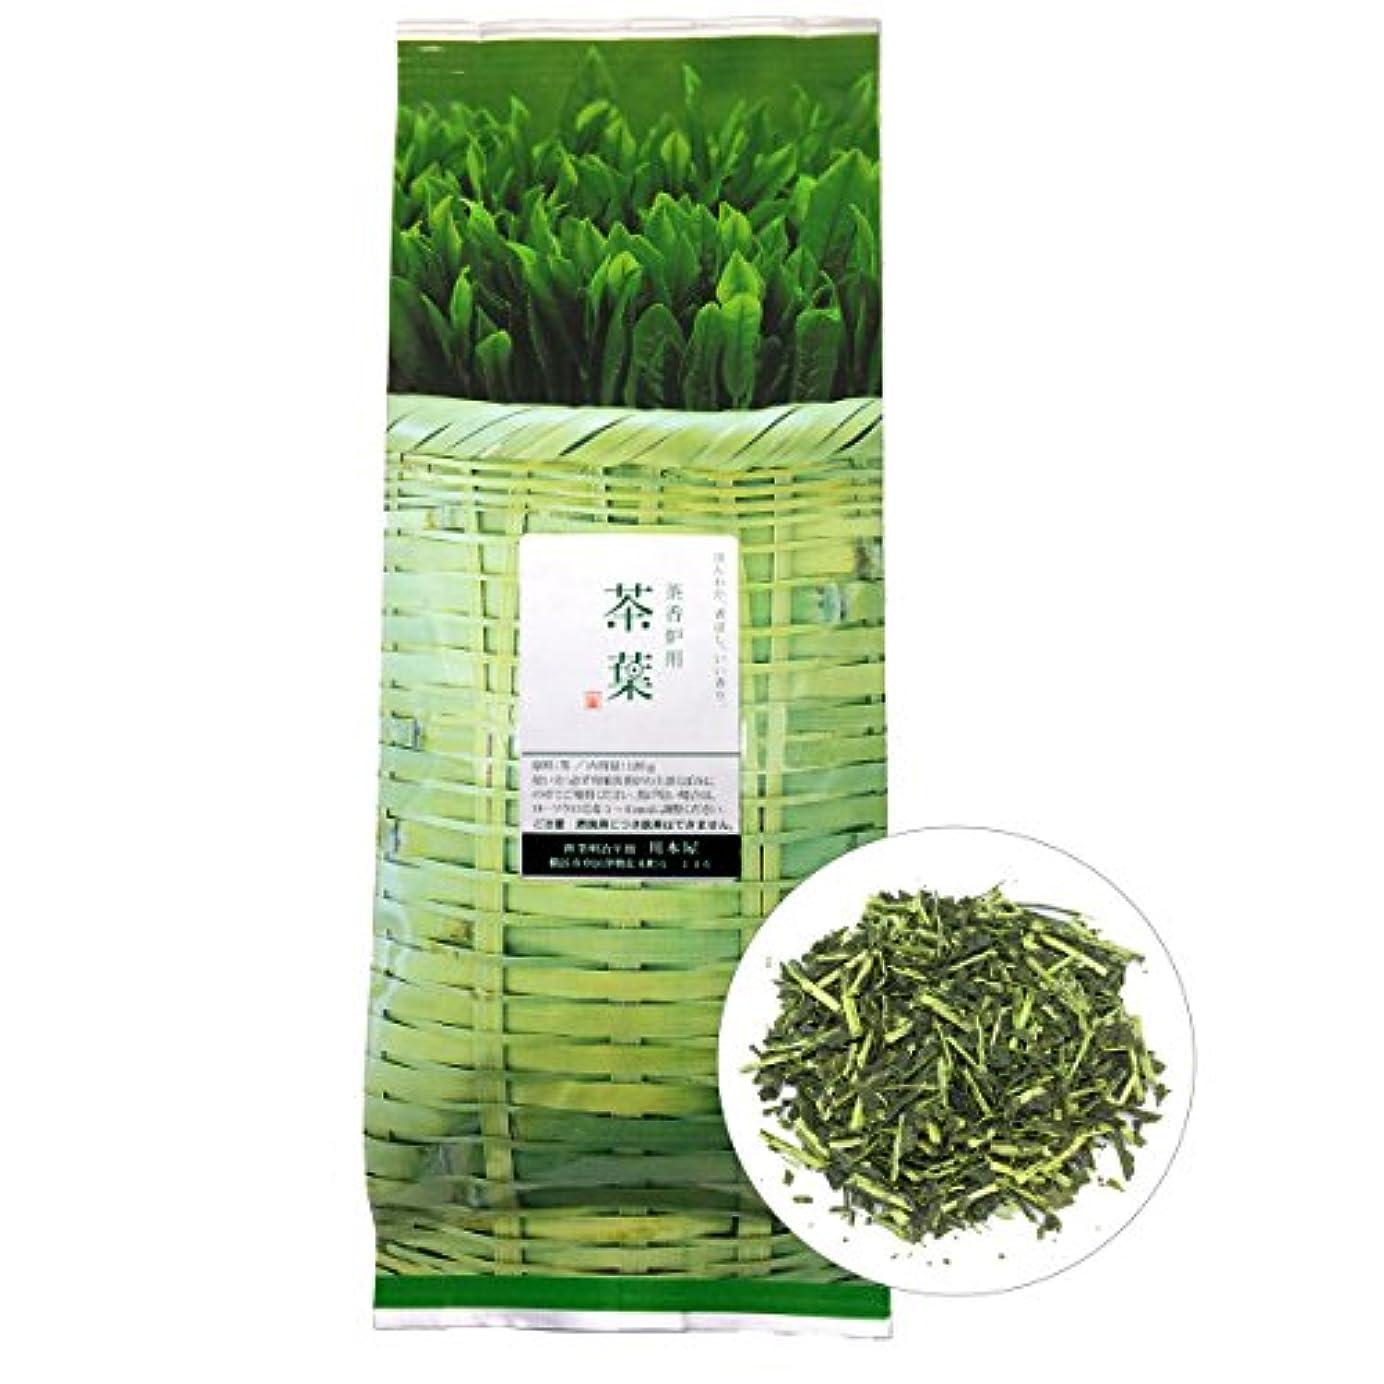 長椅子鉱夫デコードする国産 茶香炉専用 茶葉110g (1袋) 川本屋茶舗